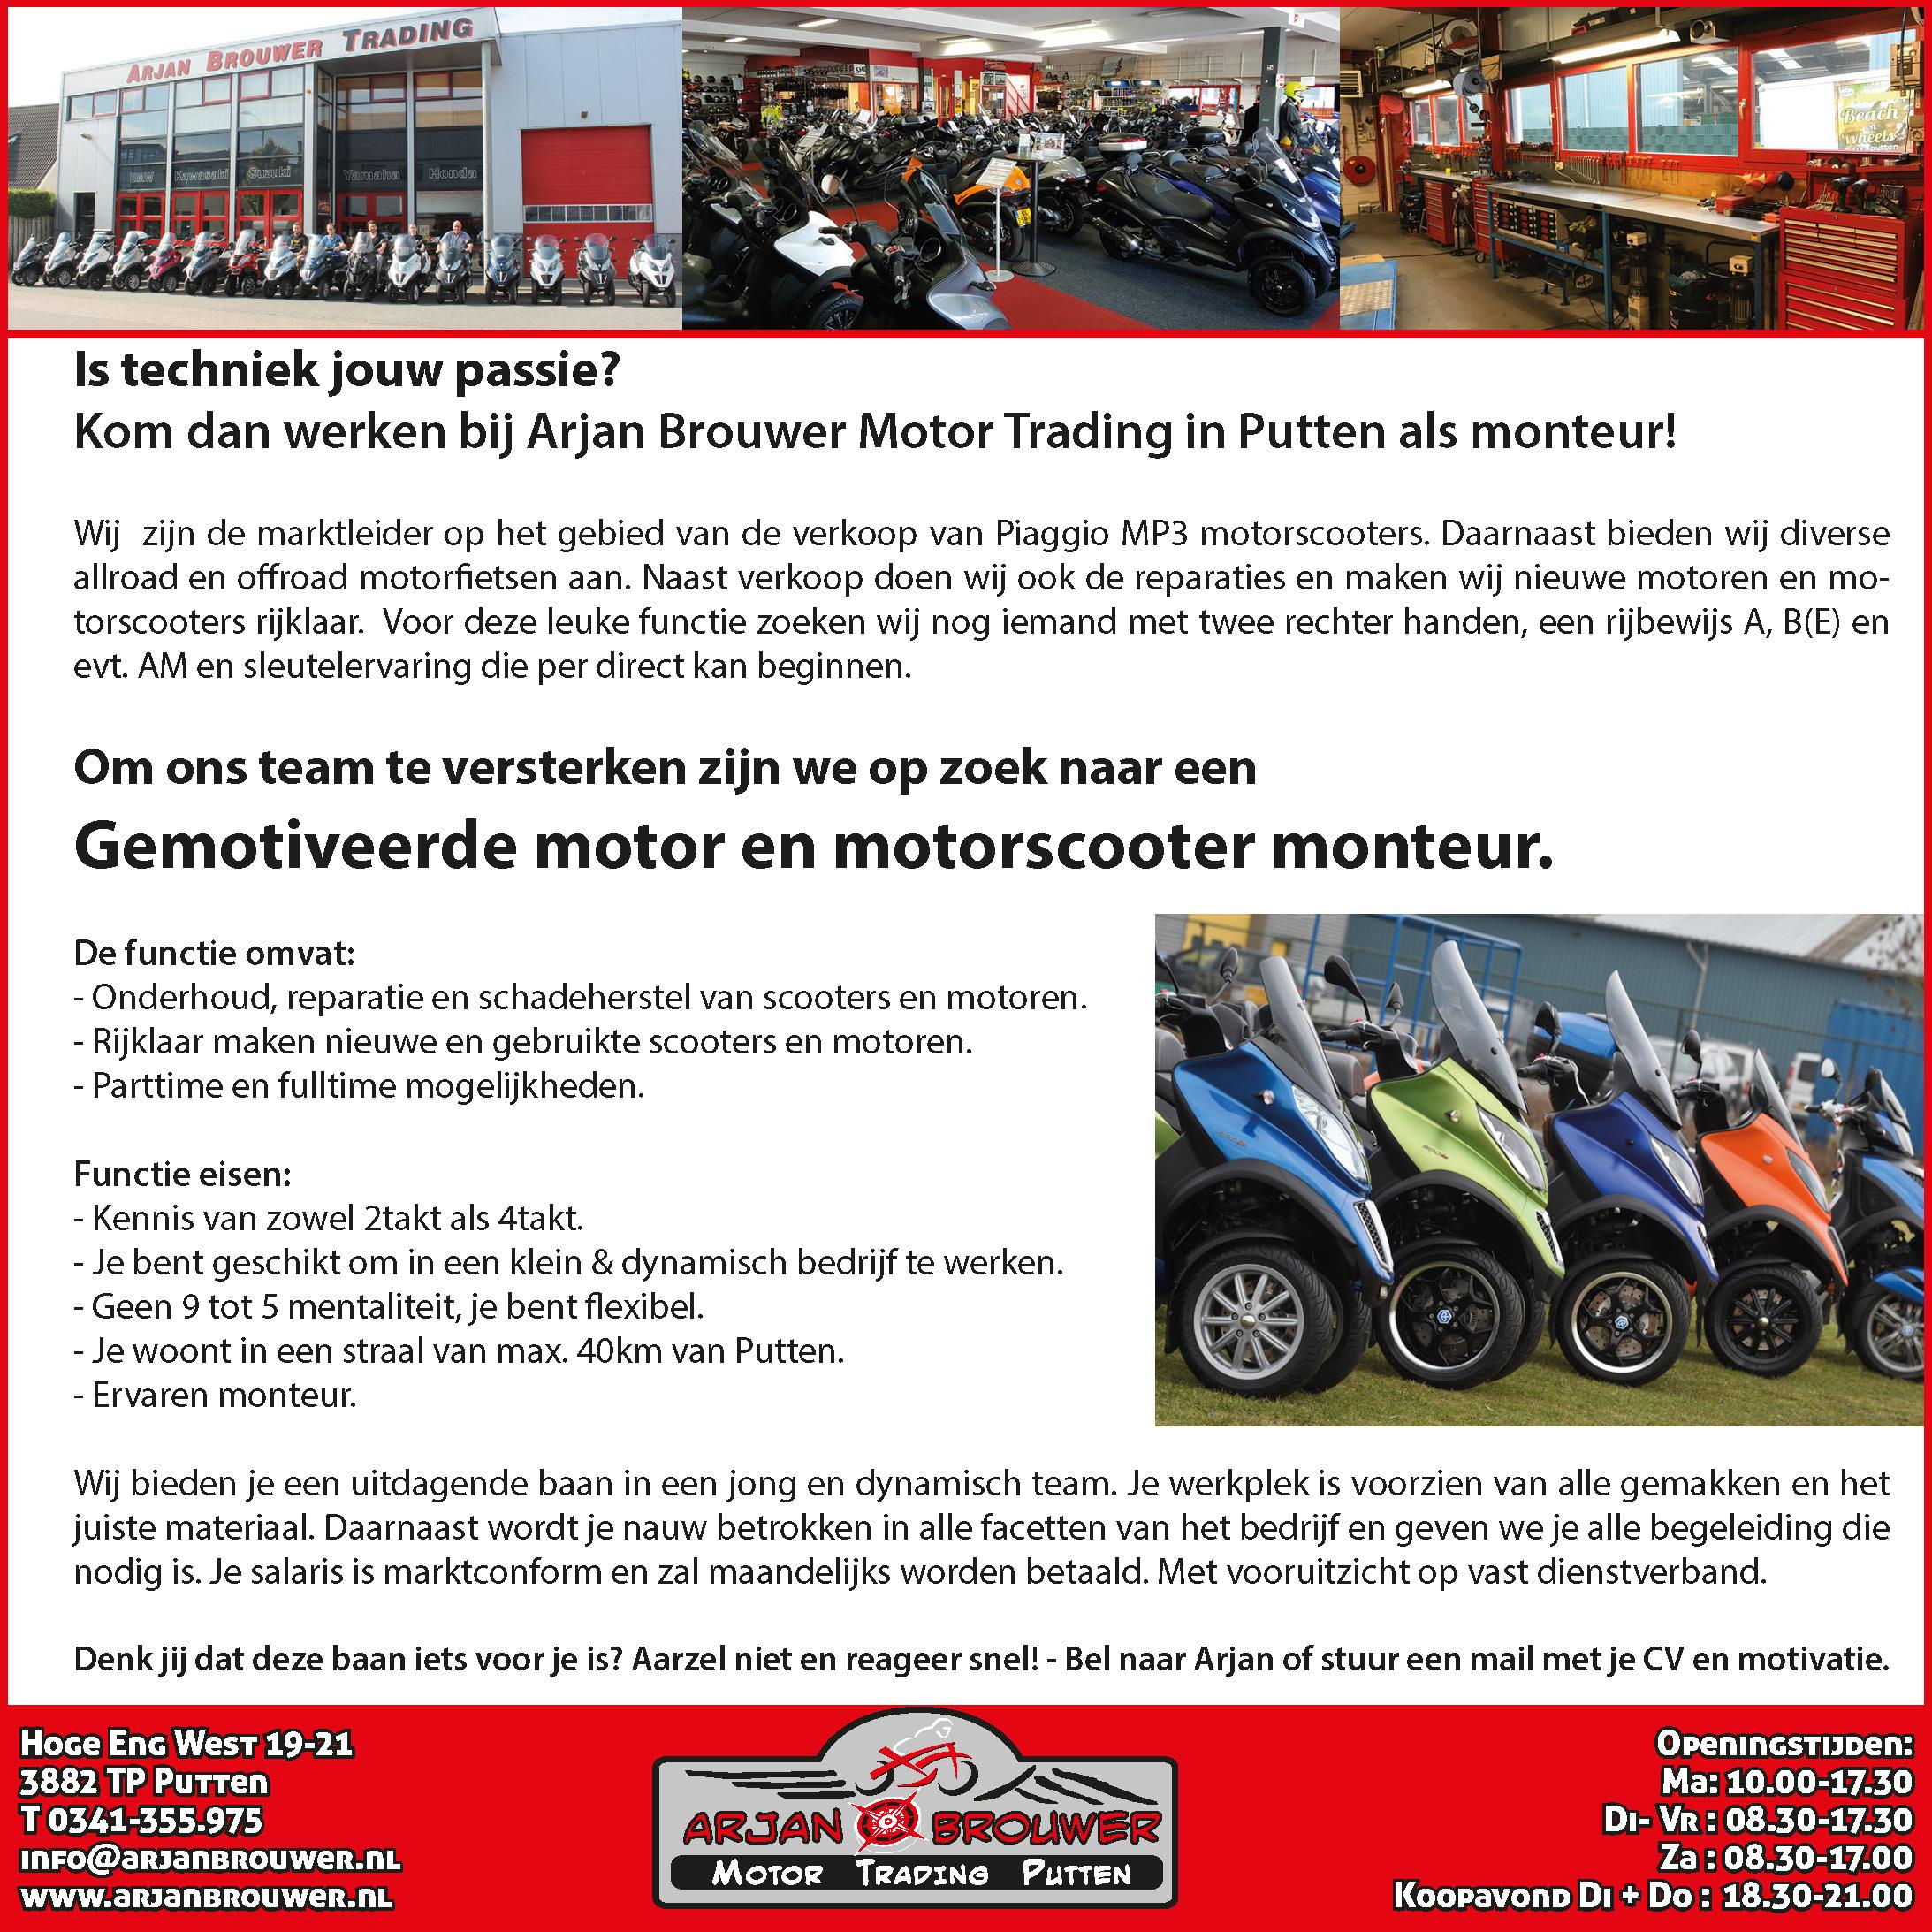 Arjan Brouwer Motor Trading - Hoge Eng West 19-21 - 3882 TP Putten - T 0341-355.975 - info@arjanbrouwer.nl - www.arjanbrouwer.nl